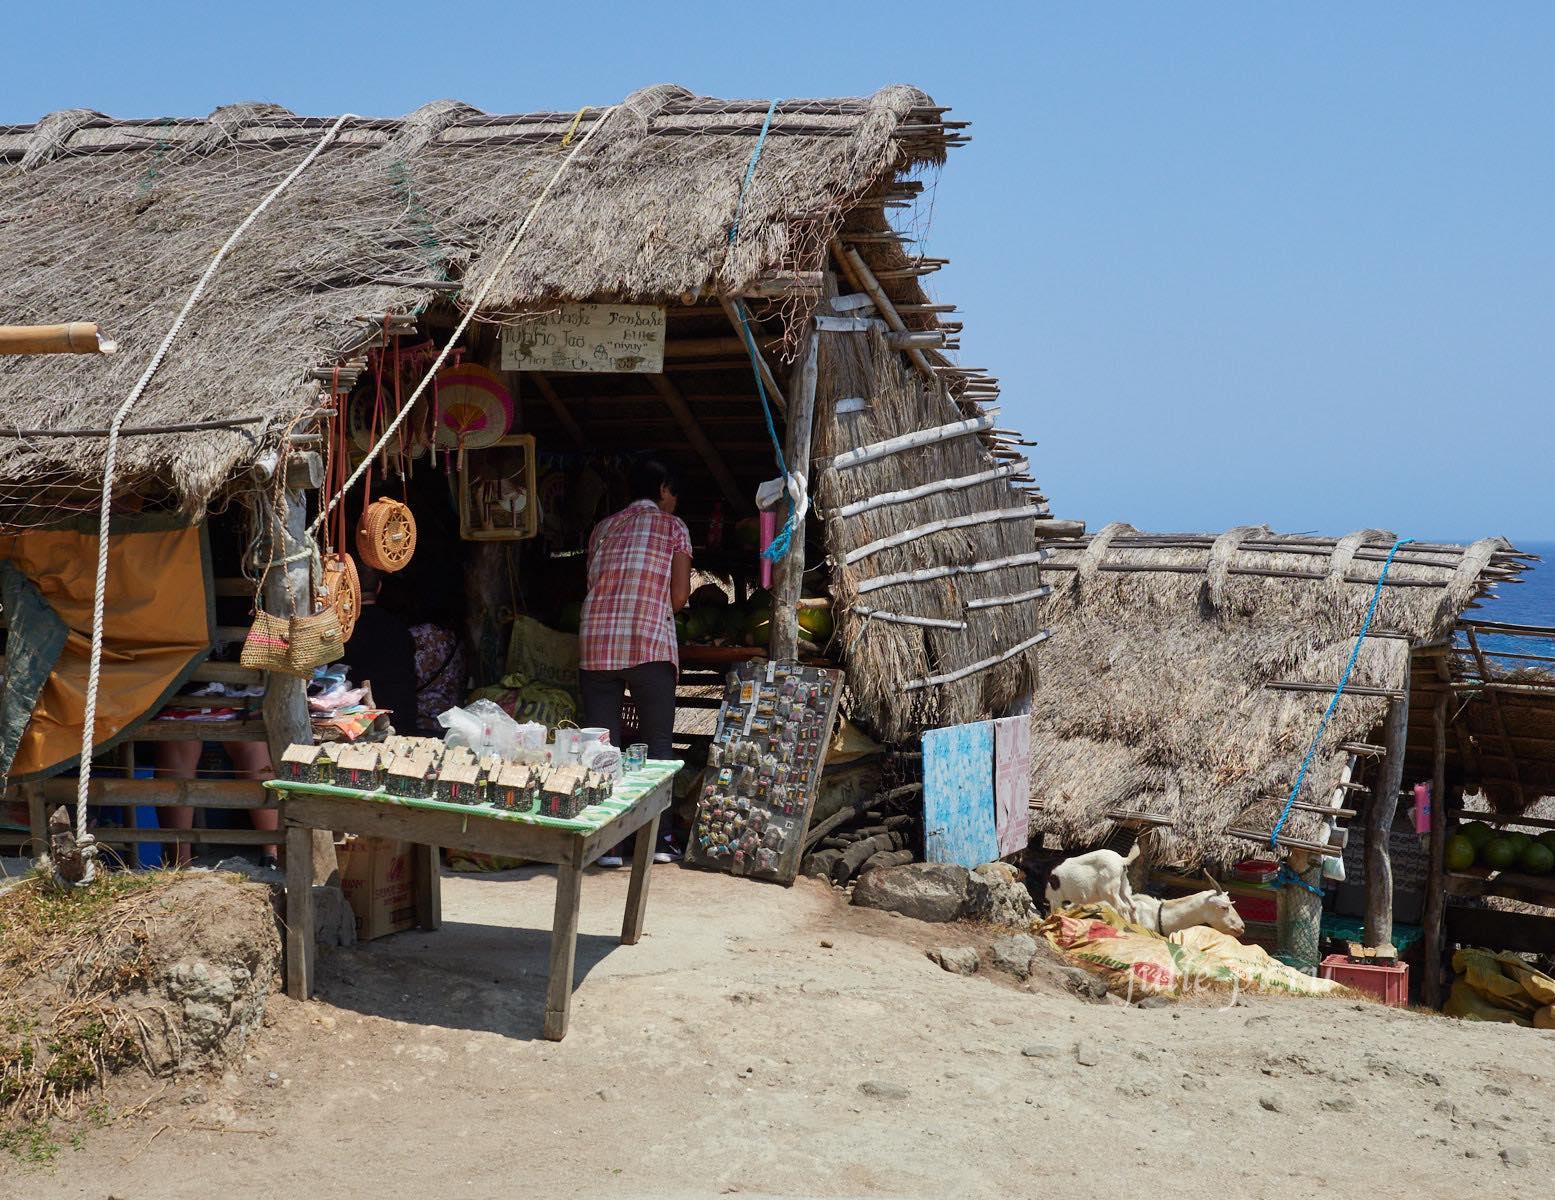 Филиппины, острова Батанес, сувенирная лавка